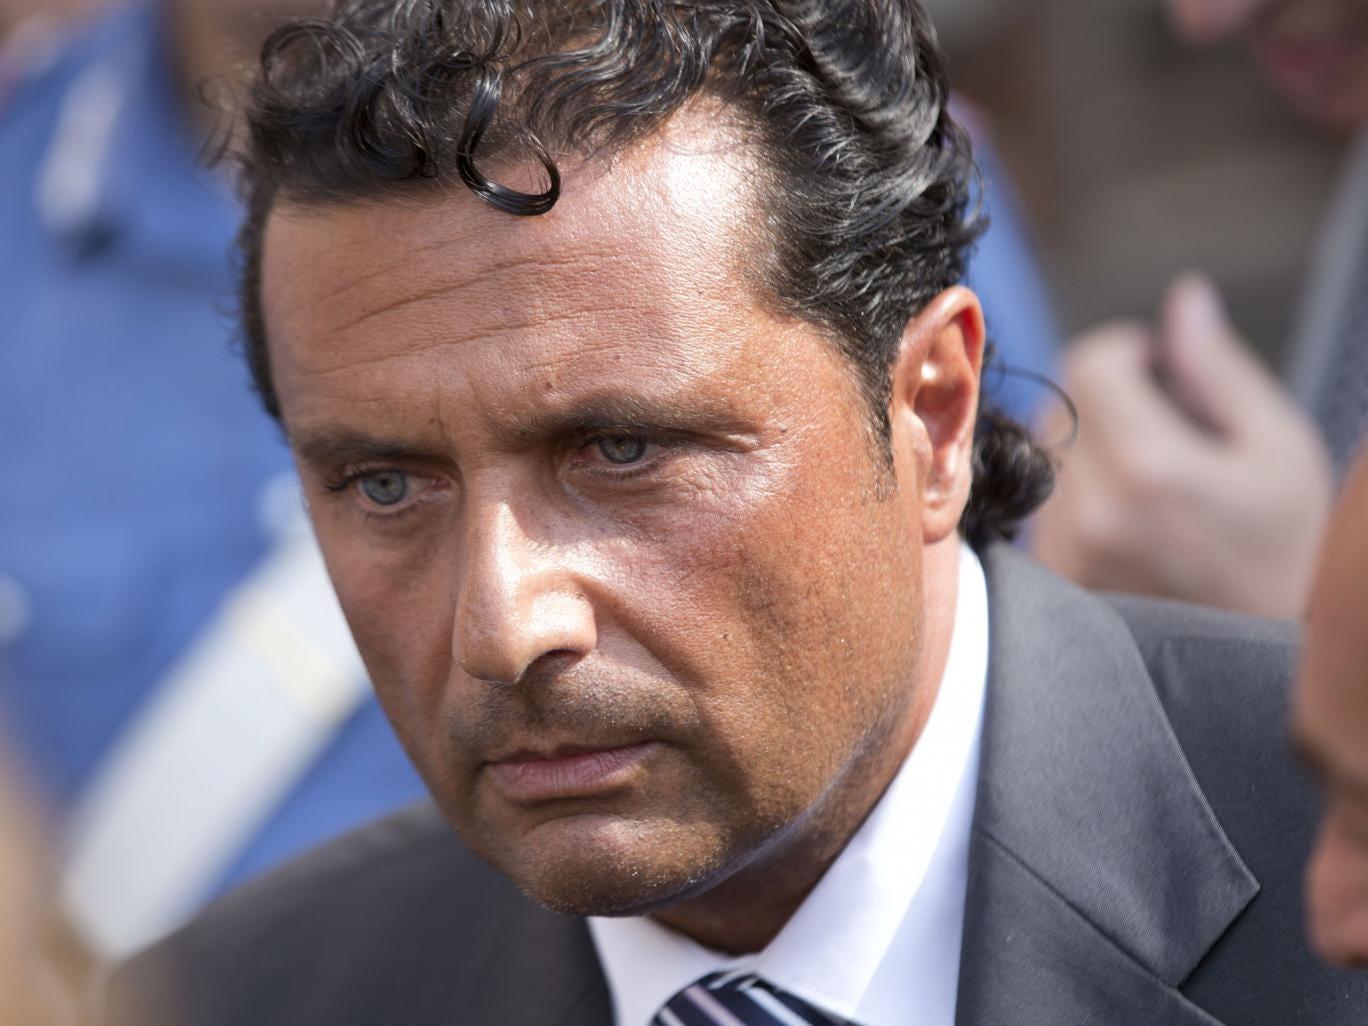 Ship's captain Francesco Schettino awaits his fate